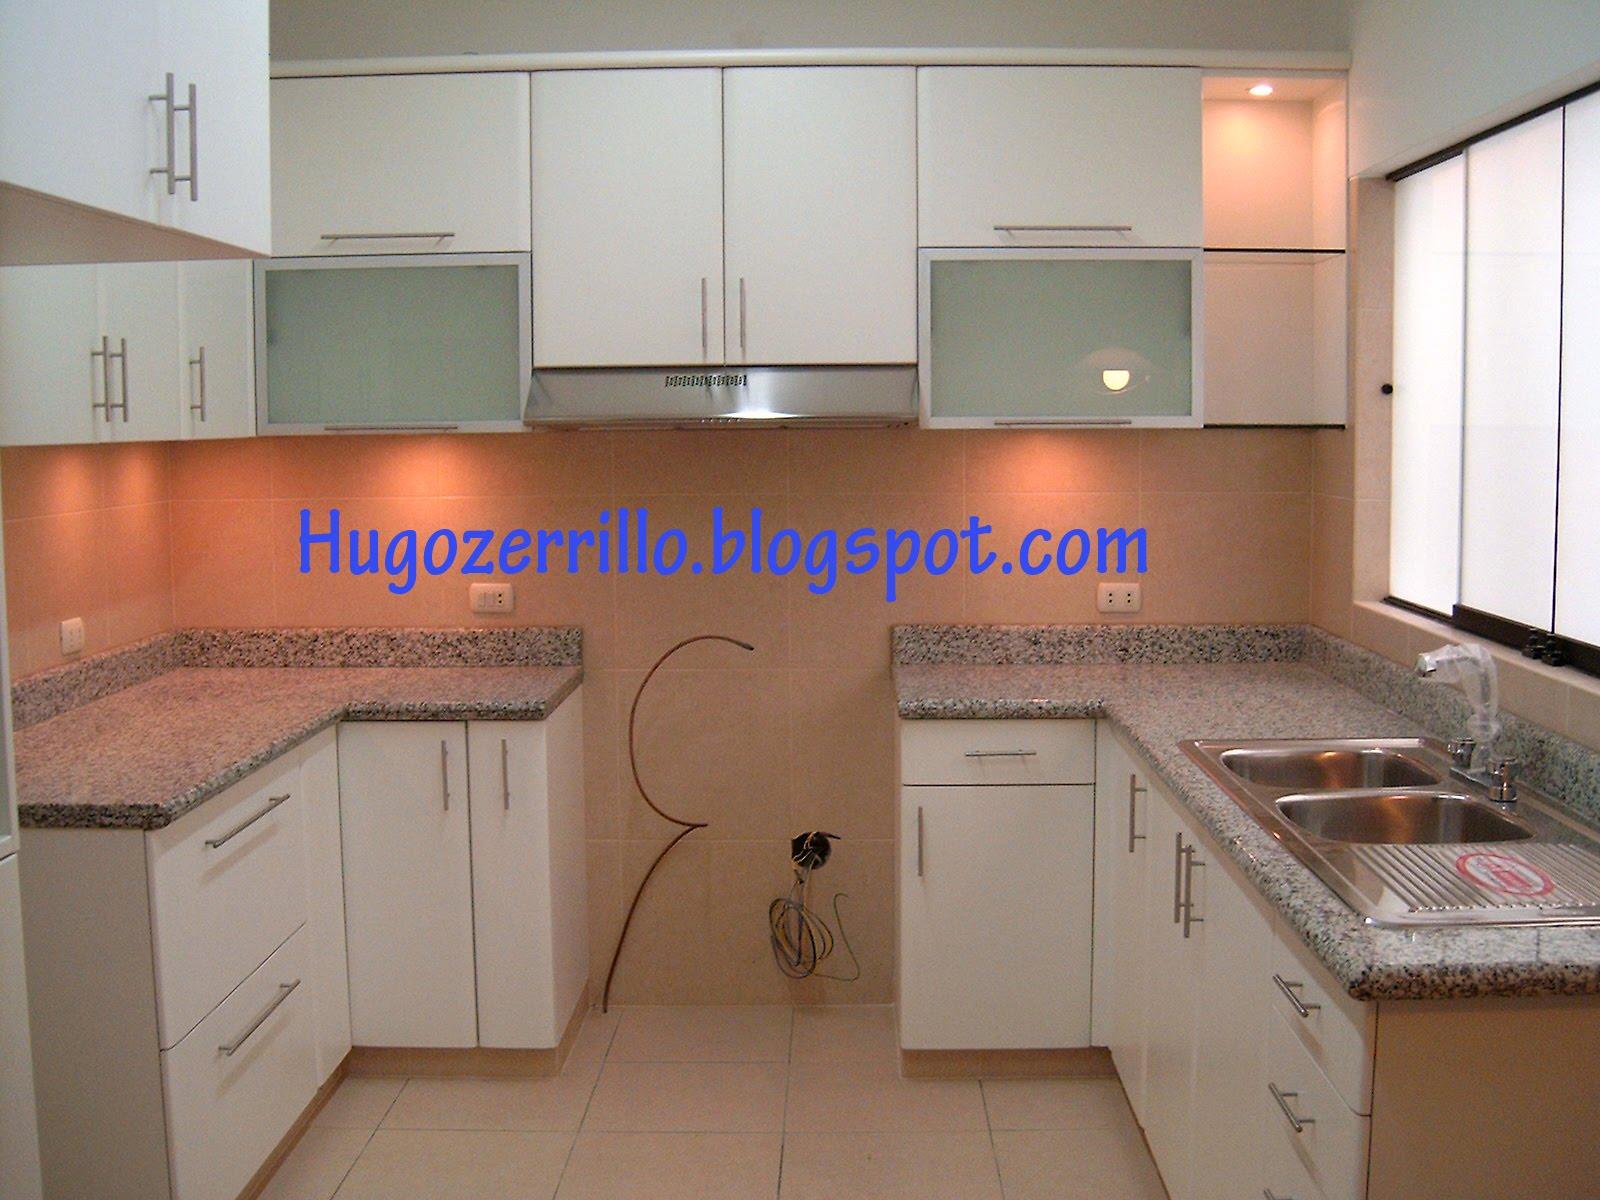 Mobile ad agolo bagno for Modelos de muebles de cocina altos y bajos